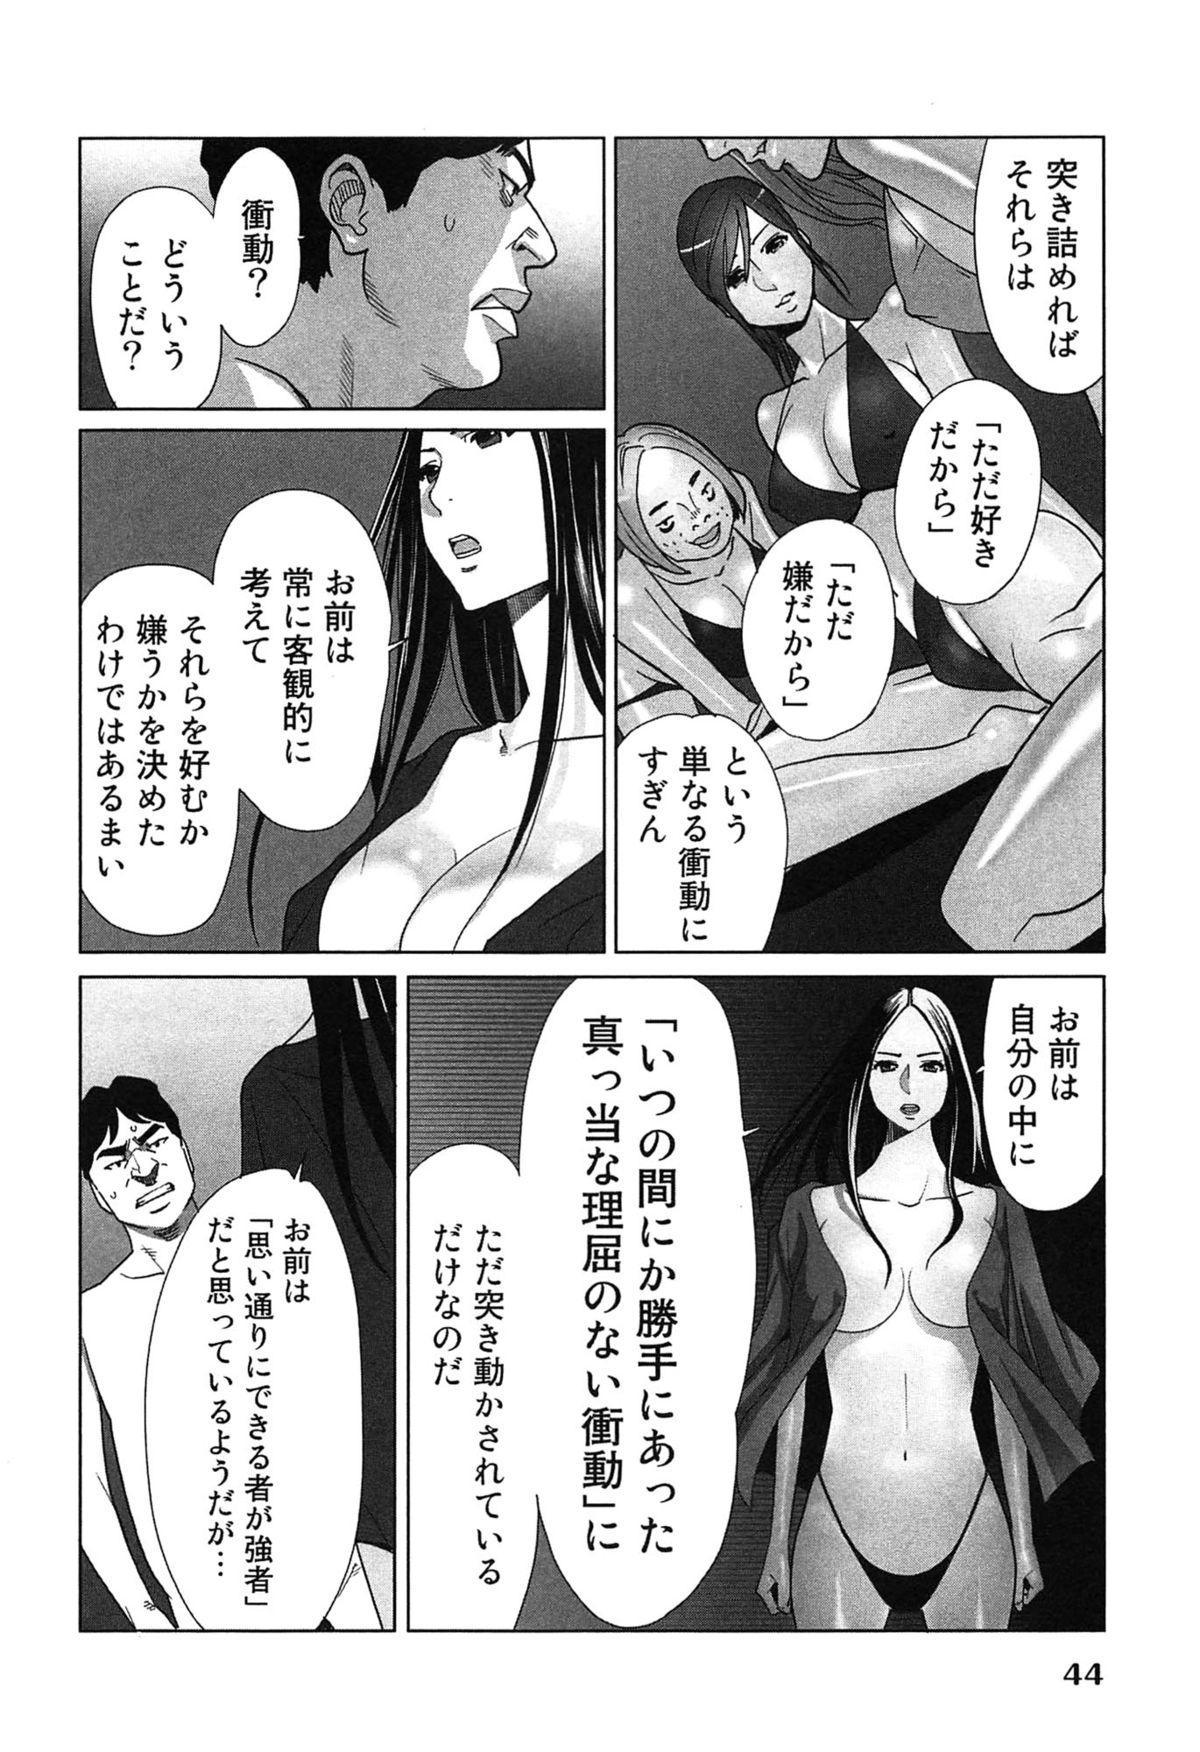 Megami to Ichinen Kura Shite Mita. 2 47